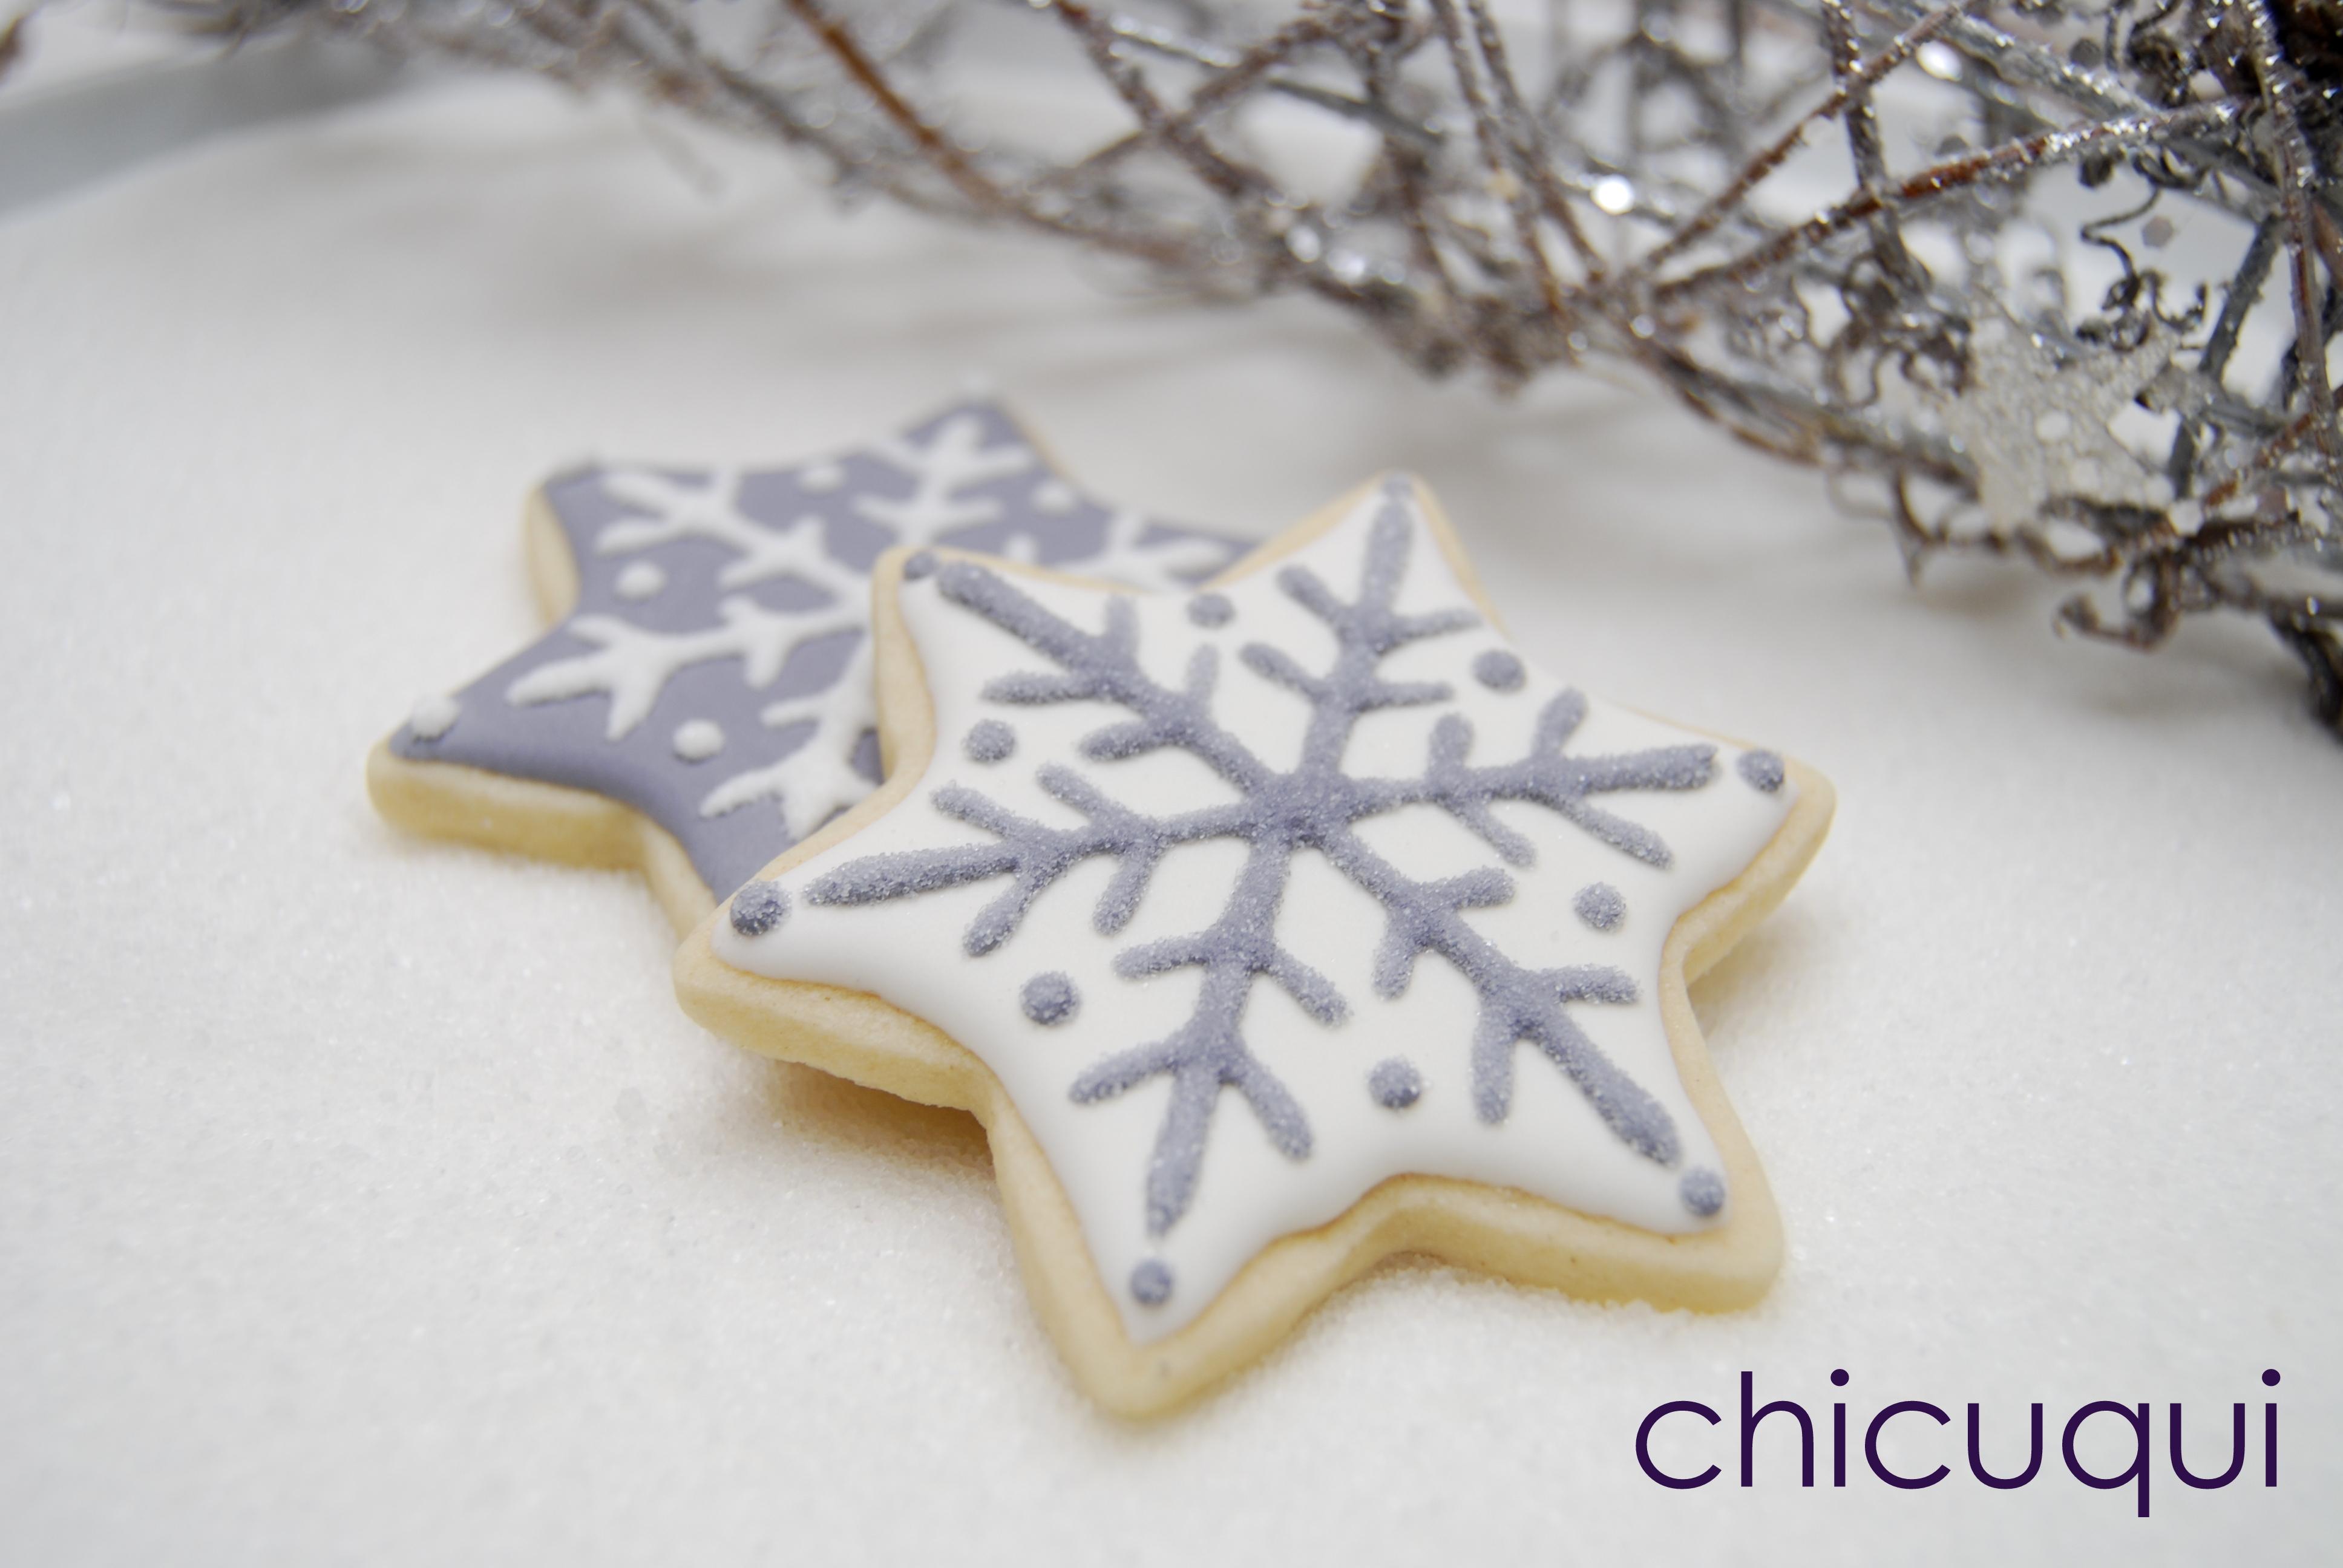 Imagenes De Galletas De Navidad Decoradas.Adornos De Navidad Chicuqui